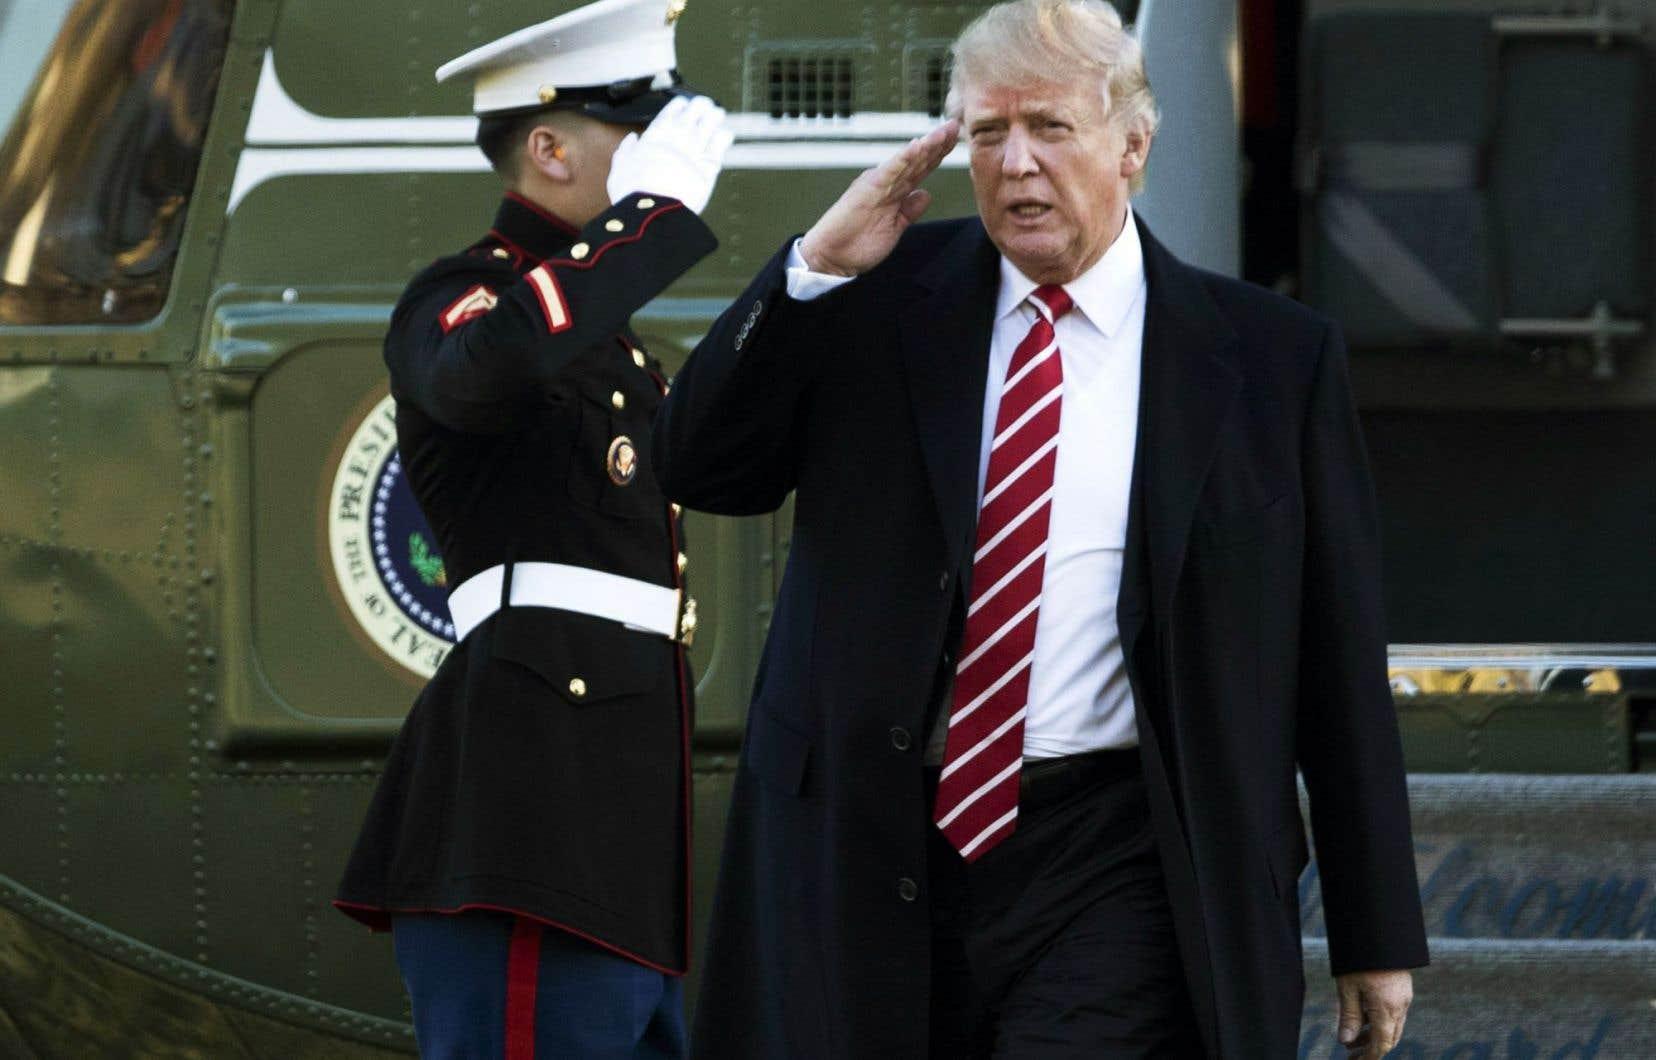 Donald Trump a proposé un plan de défense nationale ambitieux: doter les forces armées américaines de 50 000 hommes supplémentaires, de 74 nouveaux navires et de 87 nouveaux avions.